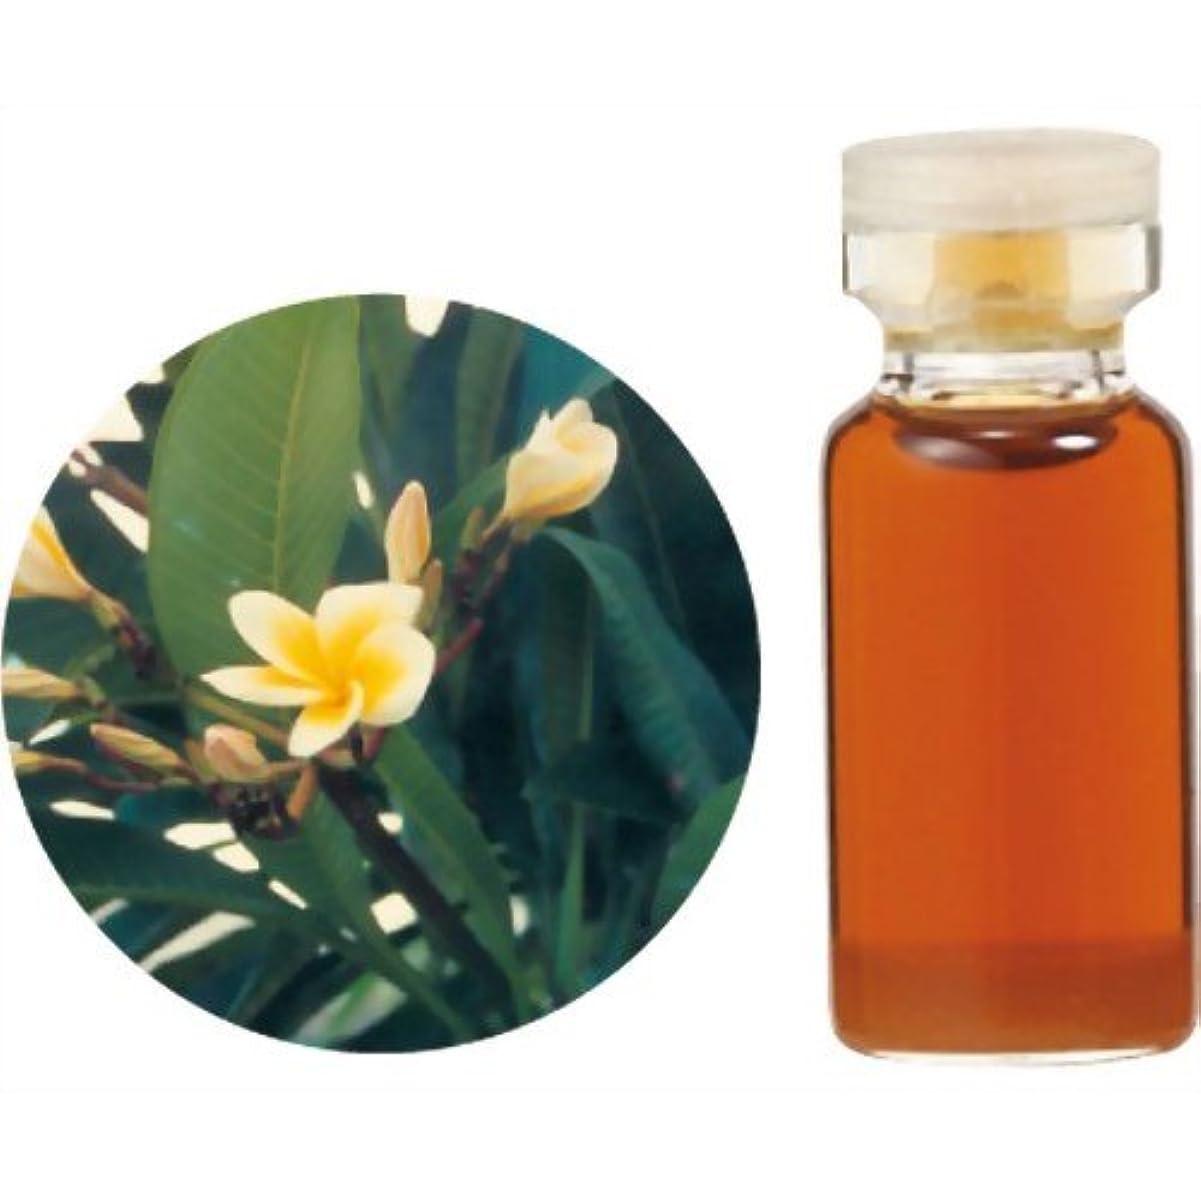 リッチキャリア然とした生活の木 C 花精油 フランジュパニ アブソリュート (25%希釈) エッセンシャルオイル 3ml